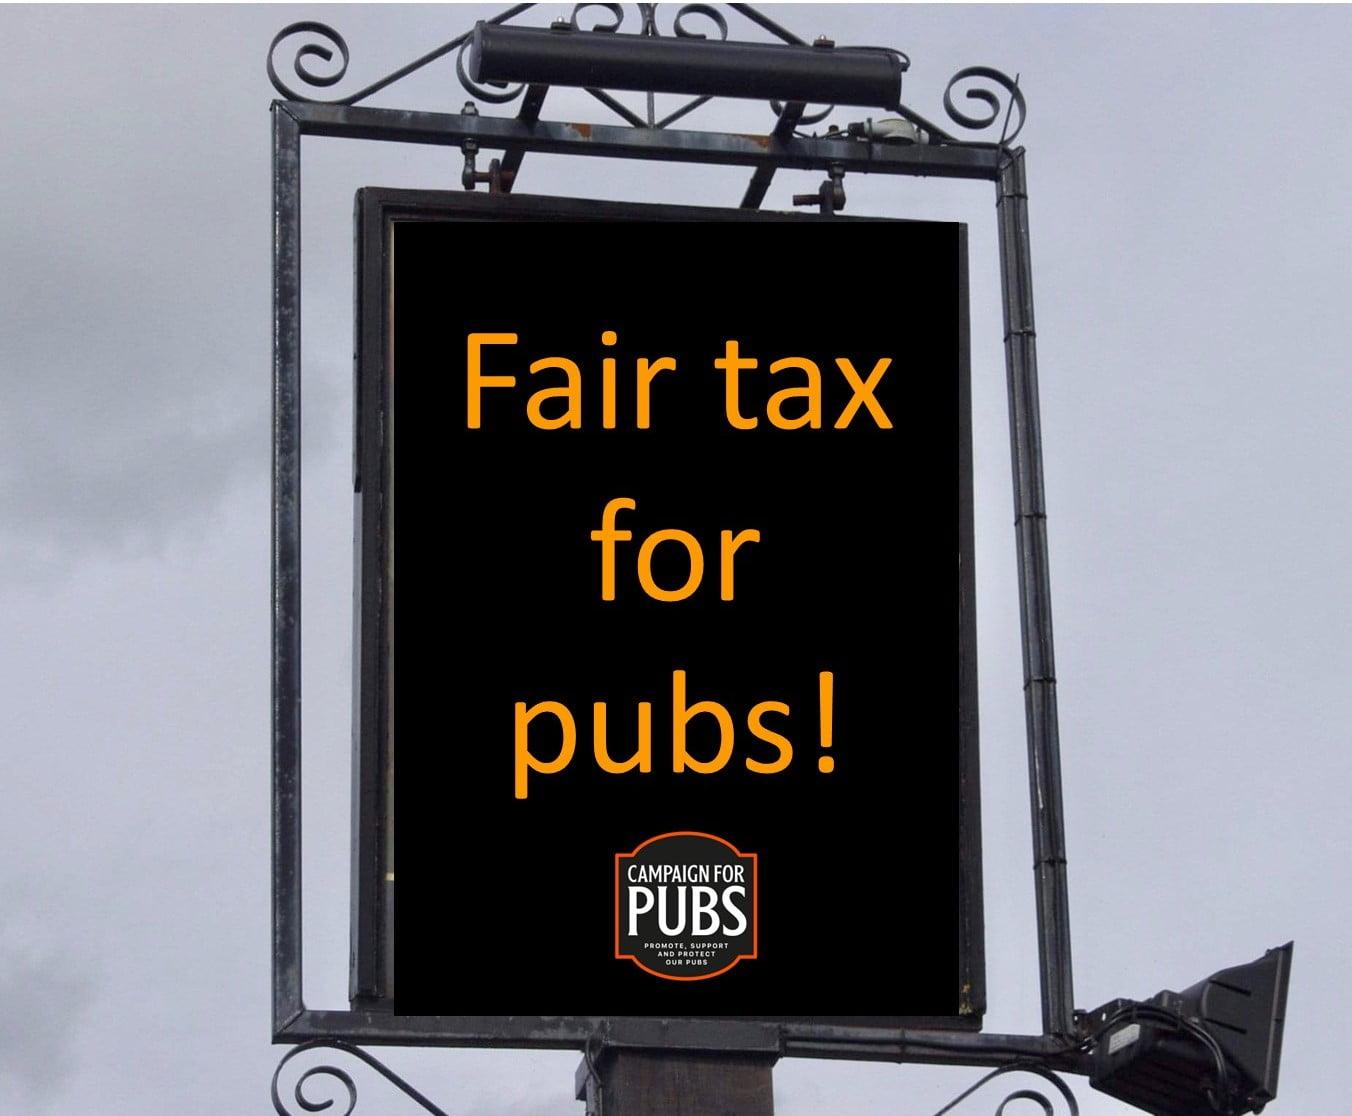 Fair Tax for pubs logo